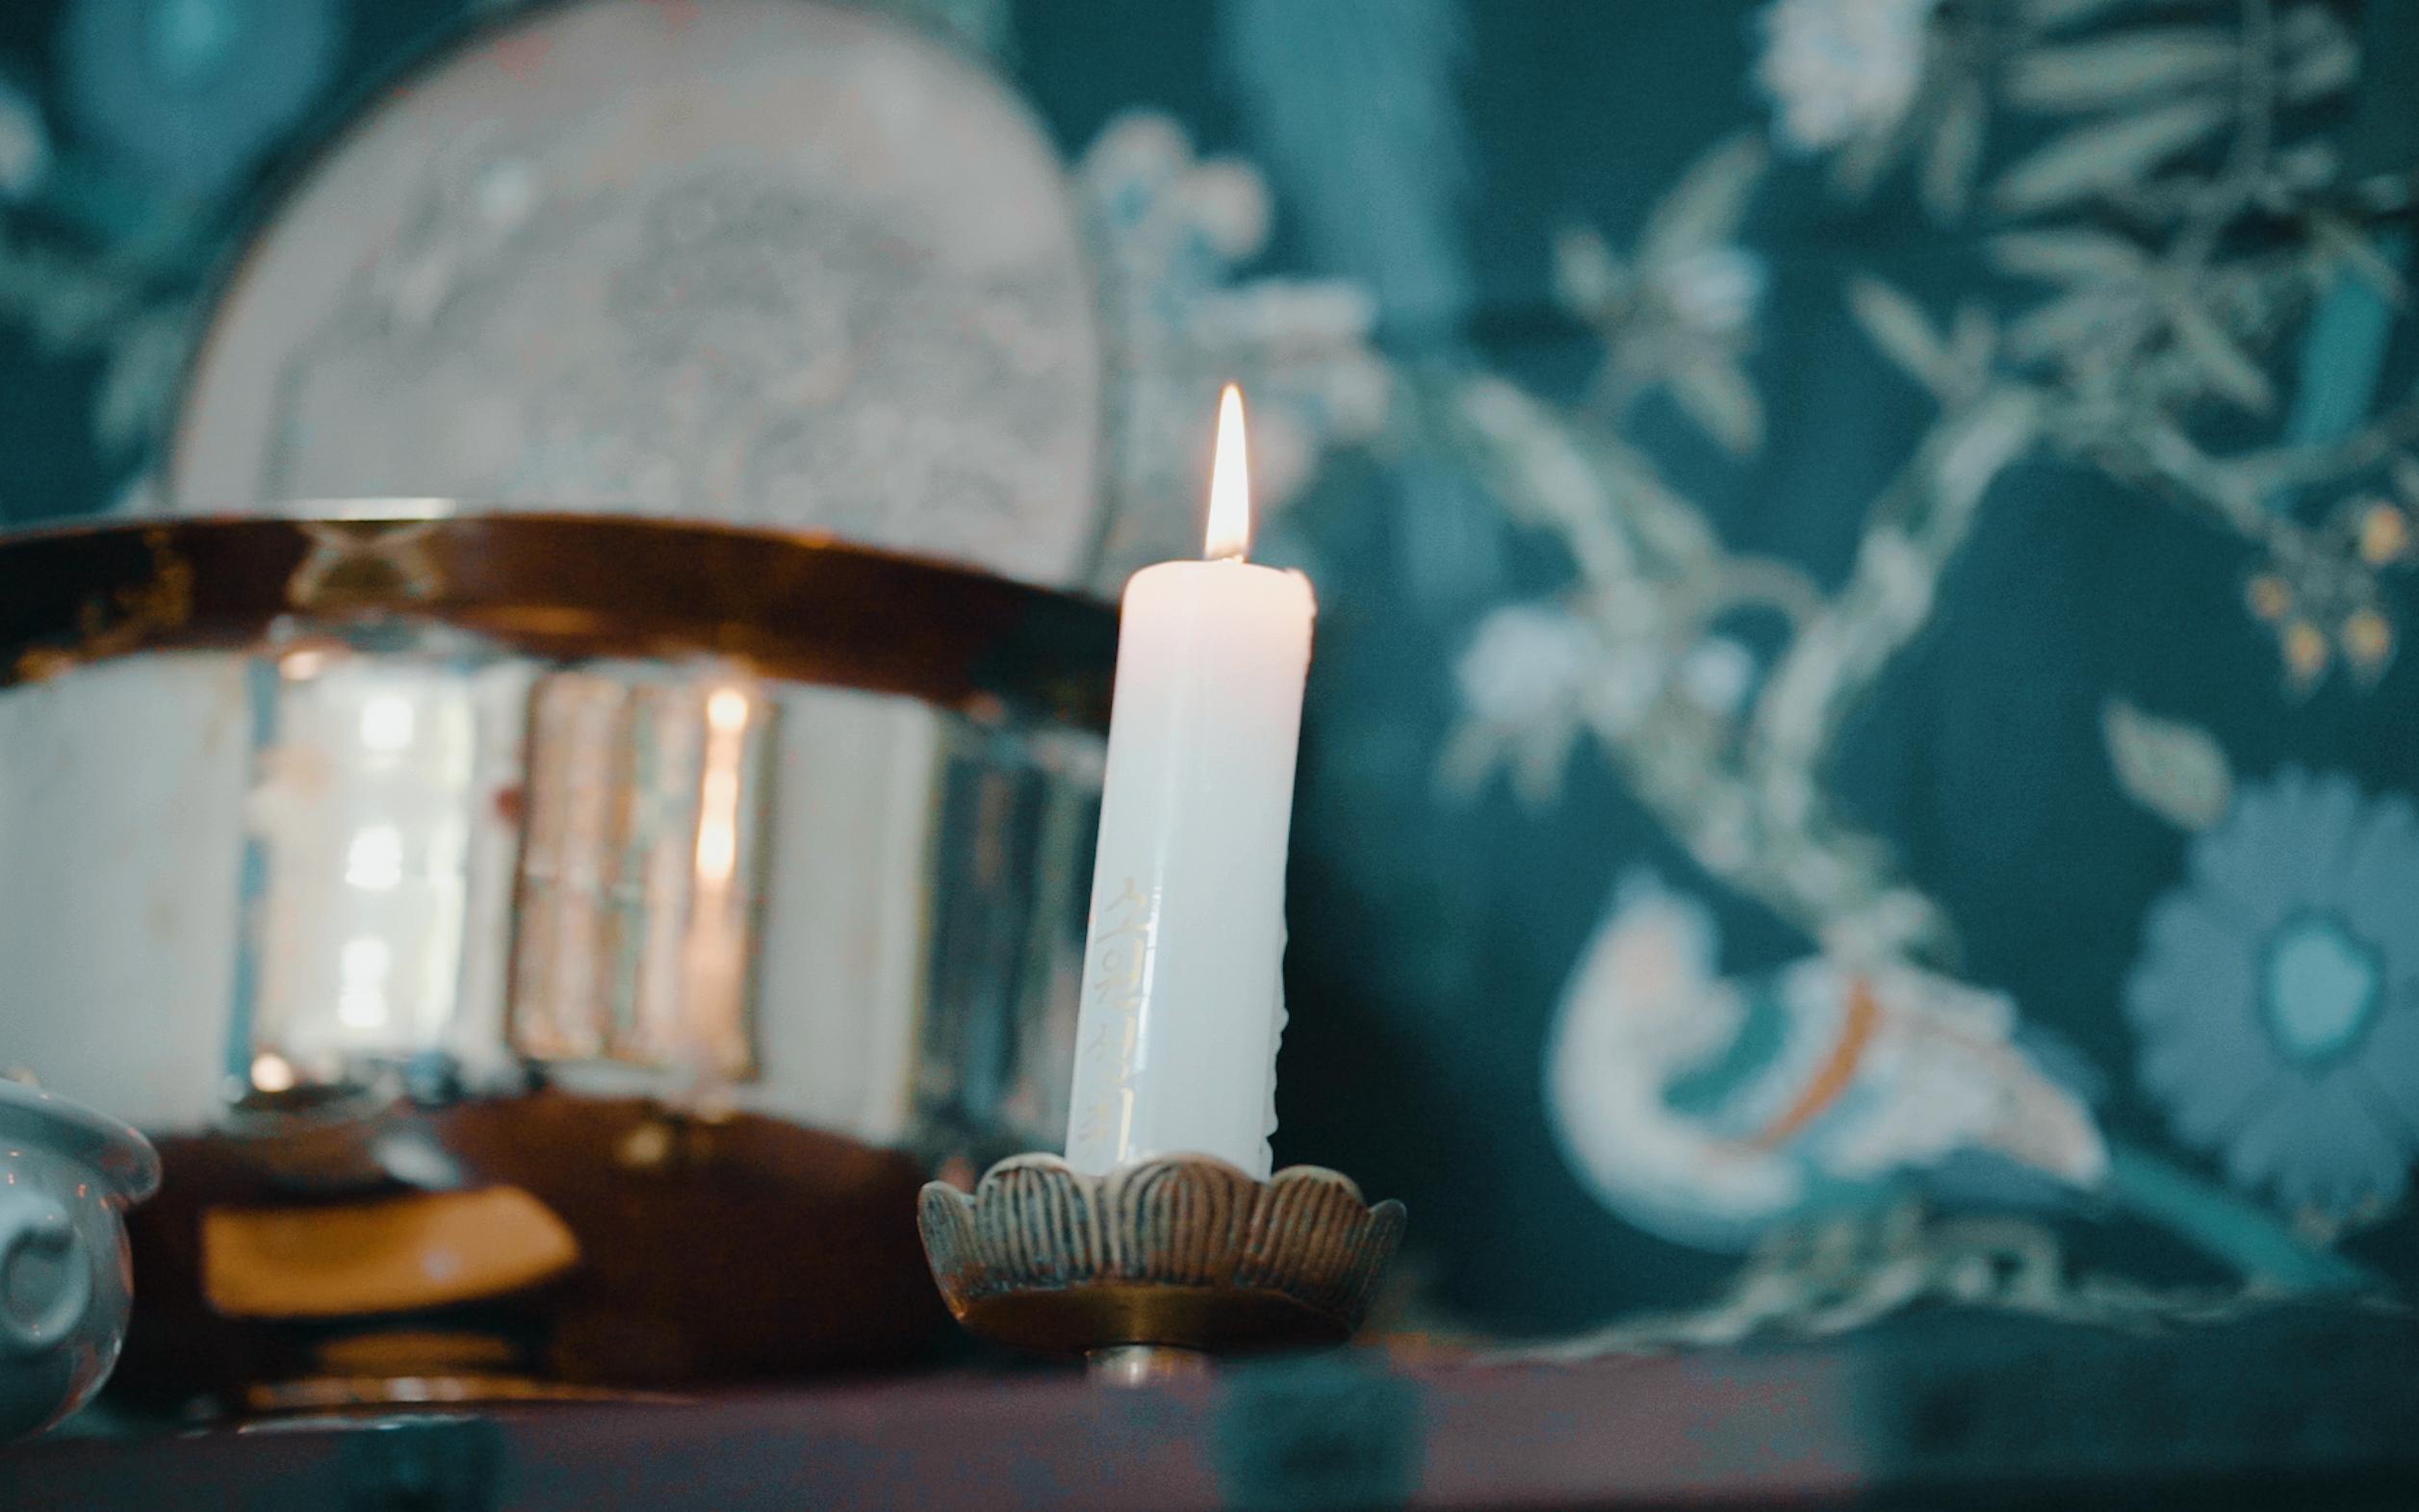 Sebatang lilin yang menyala